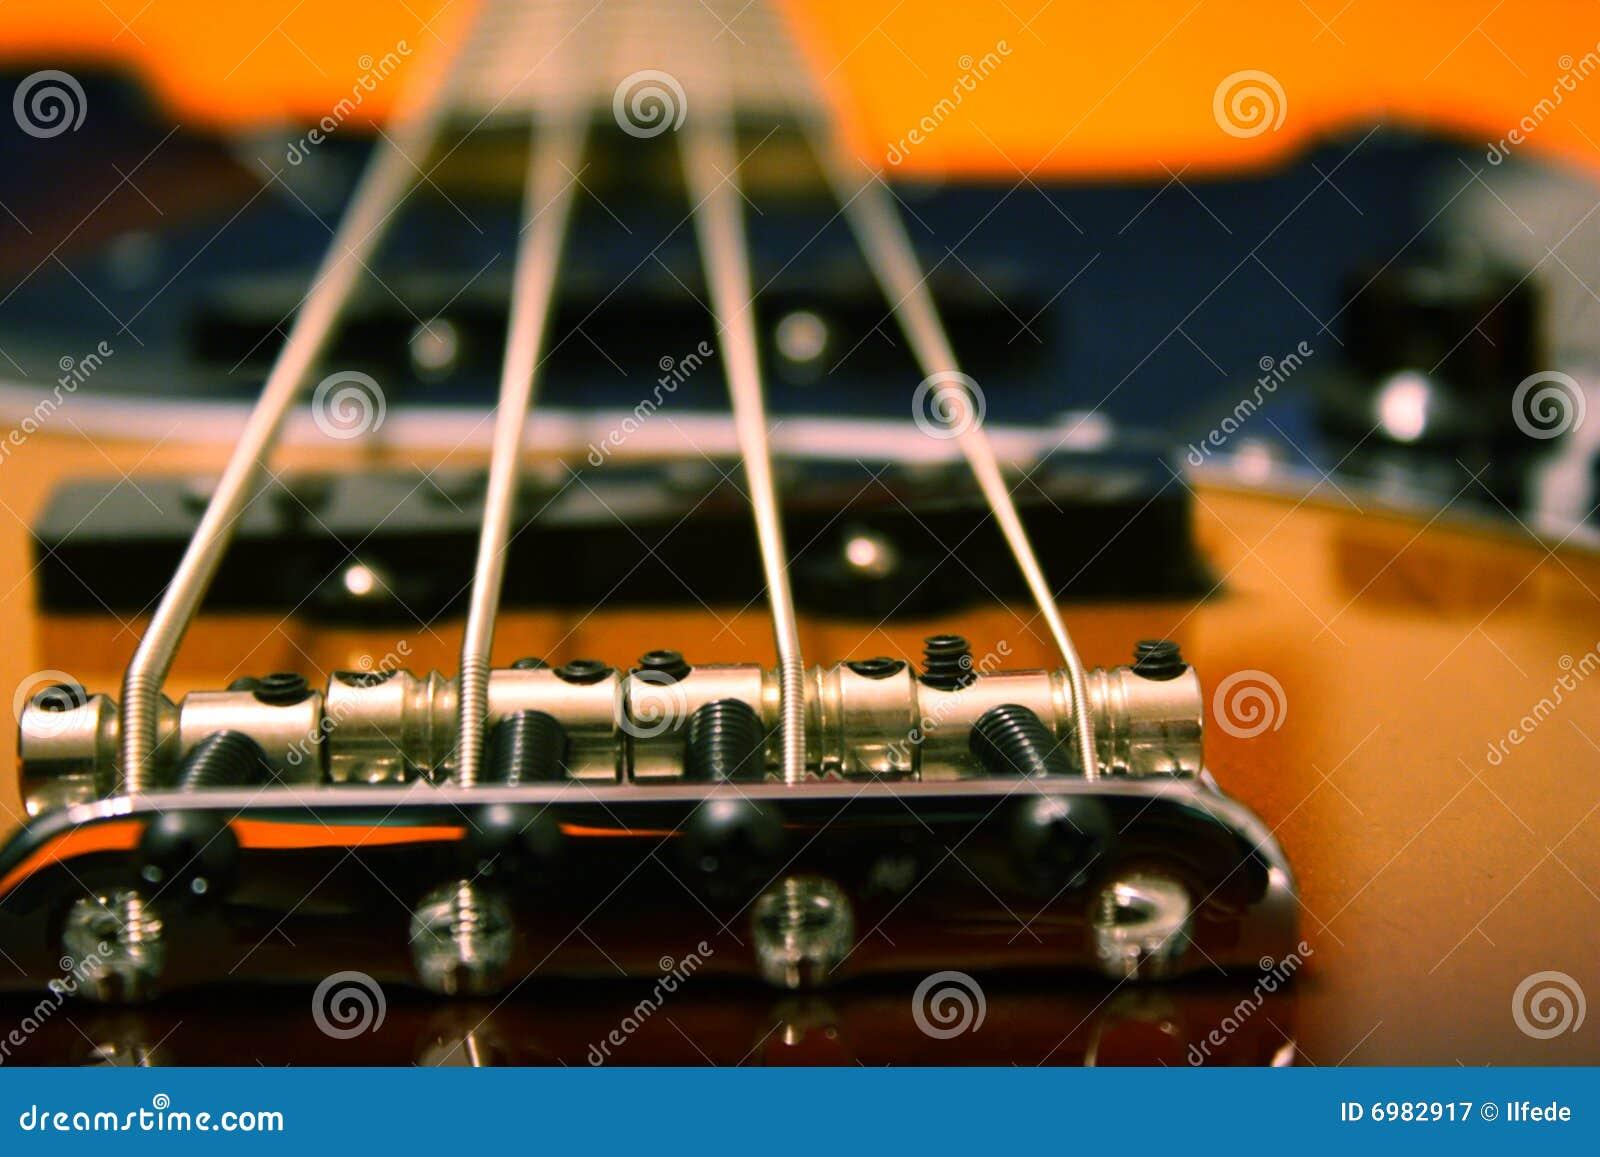 Electric Jazz Bass Close-up